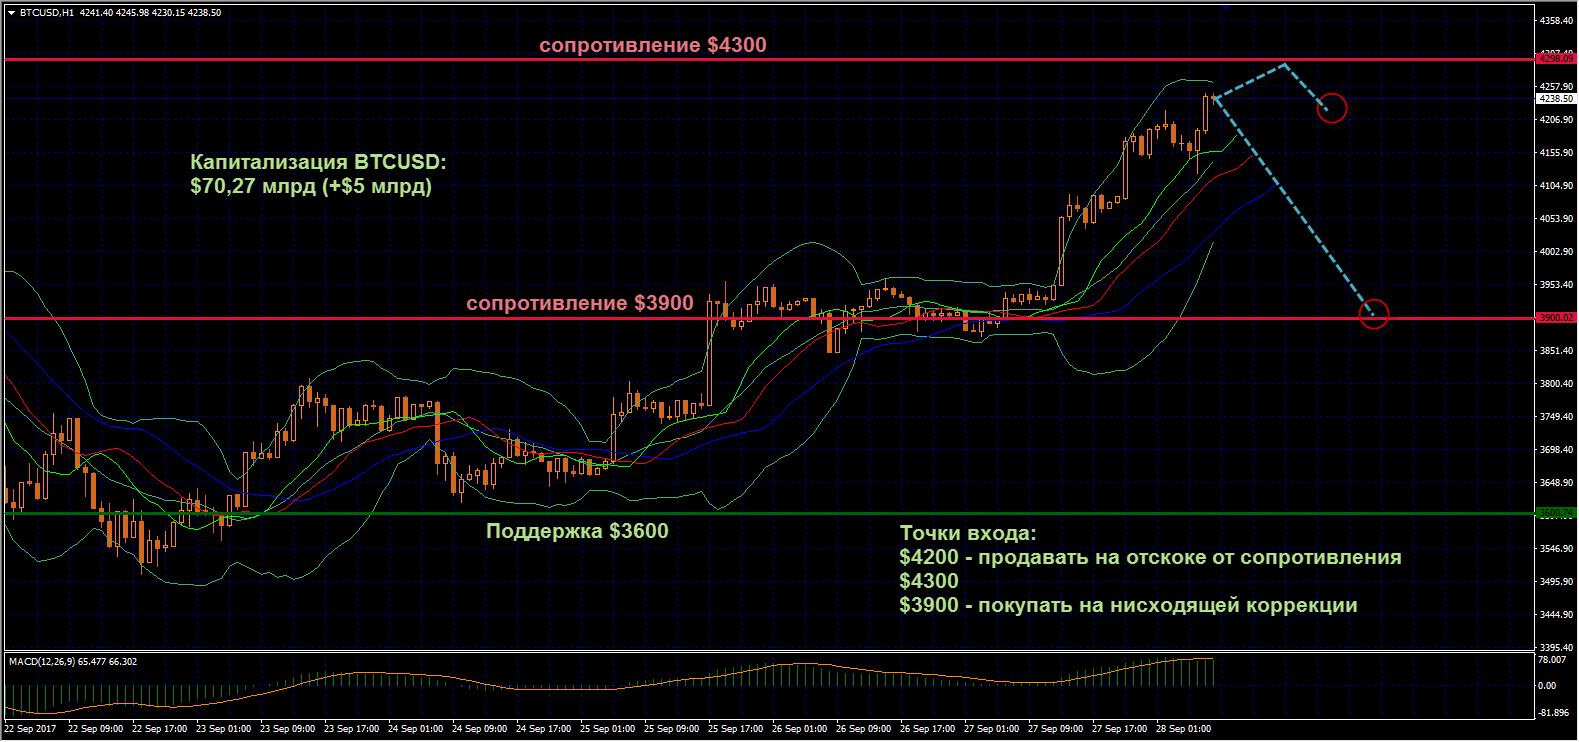 После двухдневной консолидации вблизи сопротивления $3900 быки по биткоину наконец—то сдвинули пару в сторону роста